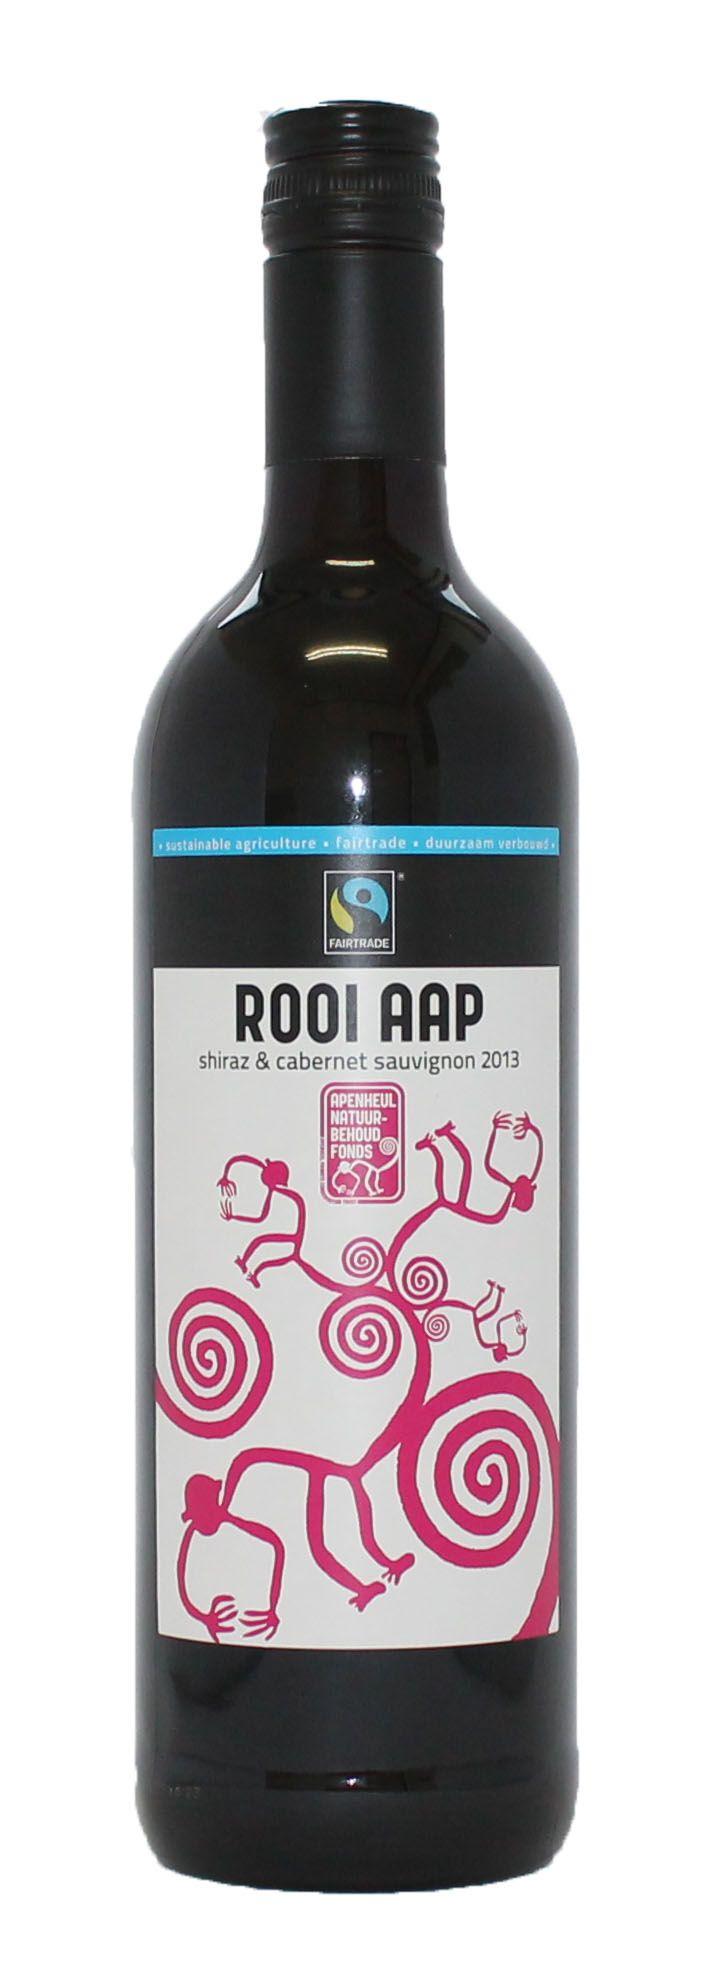 <p>Sappige maar toch krachtige rode wijn met smaaktonen van braam, zwarte kers, chocolade en klein beetje rode peper. Heerlijk bij gegrilde gerechten, kazen, borrelhapjes en op zichzelf.</p>